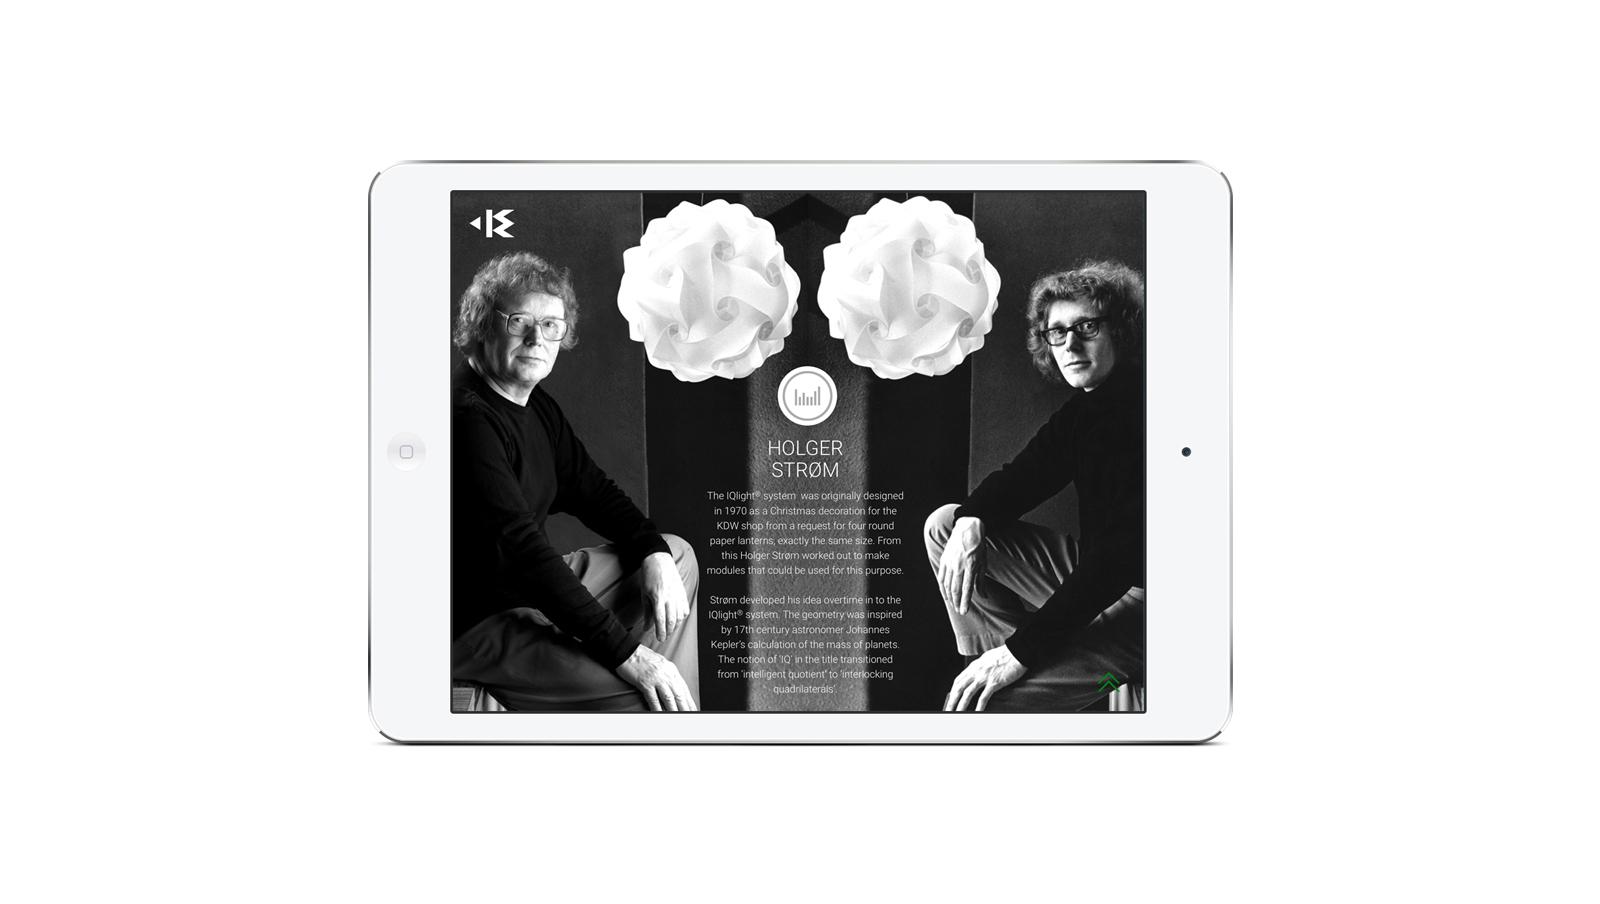 kilkenny design workshops app design